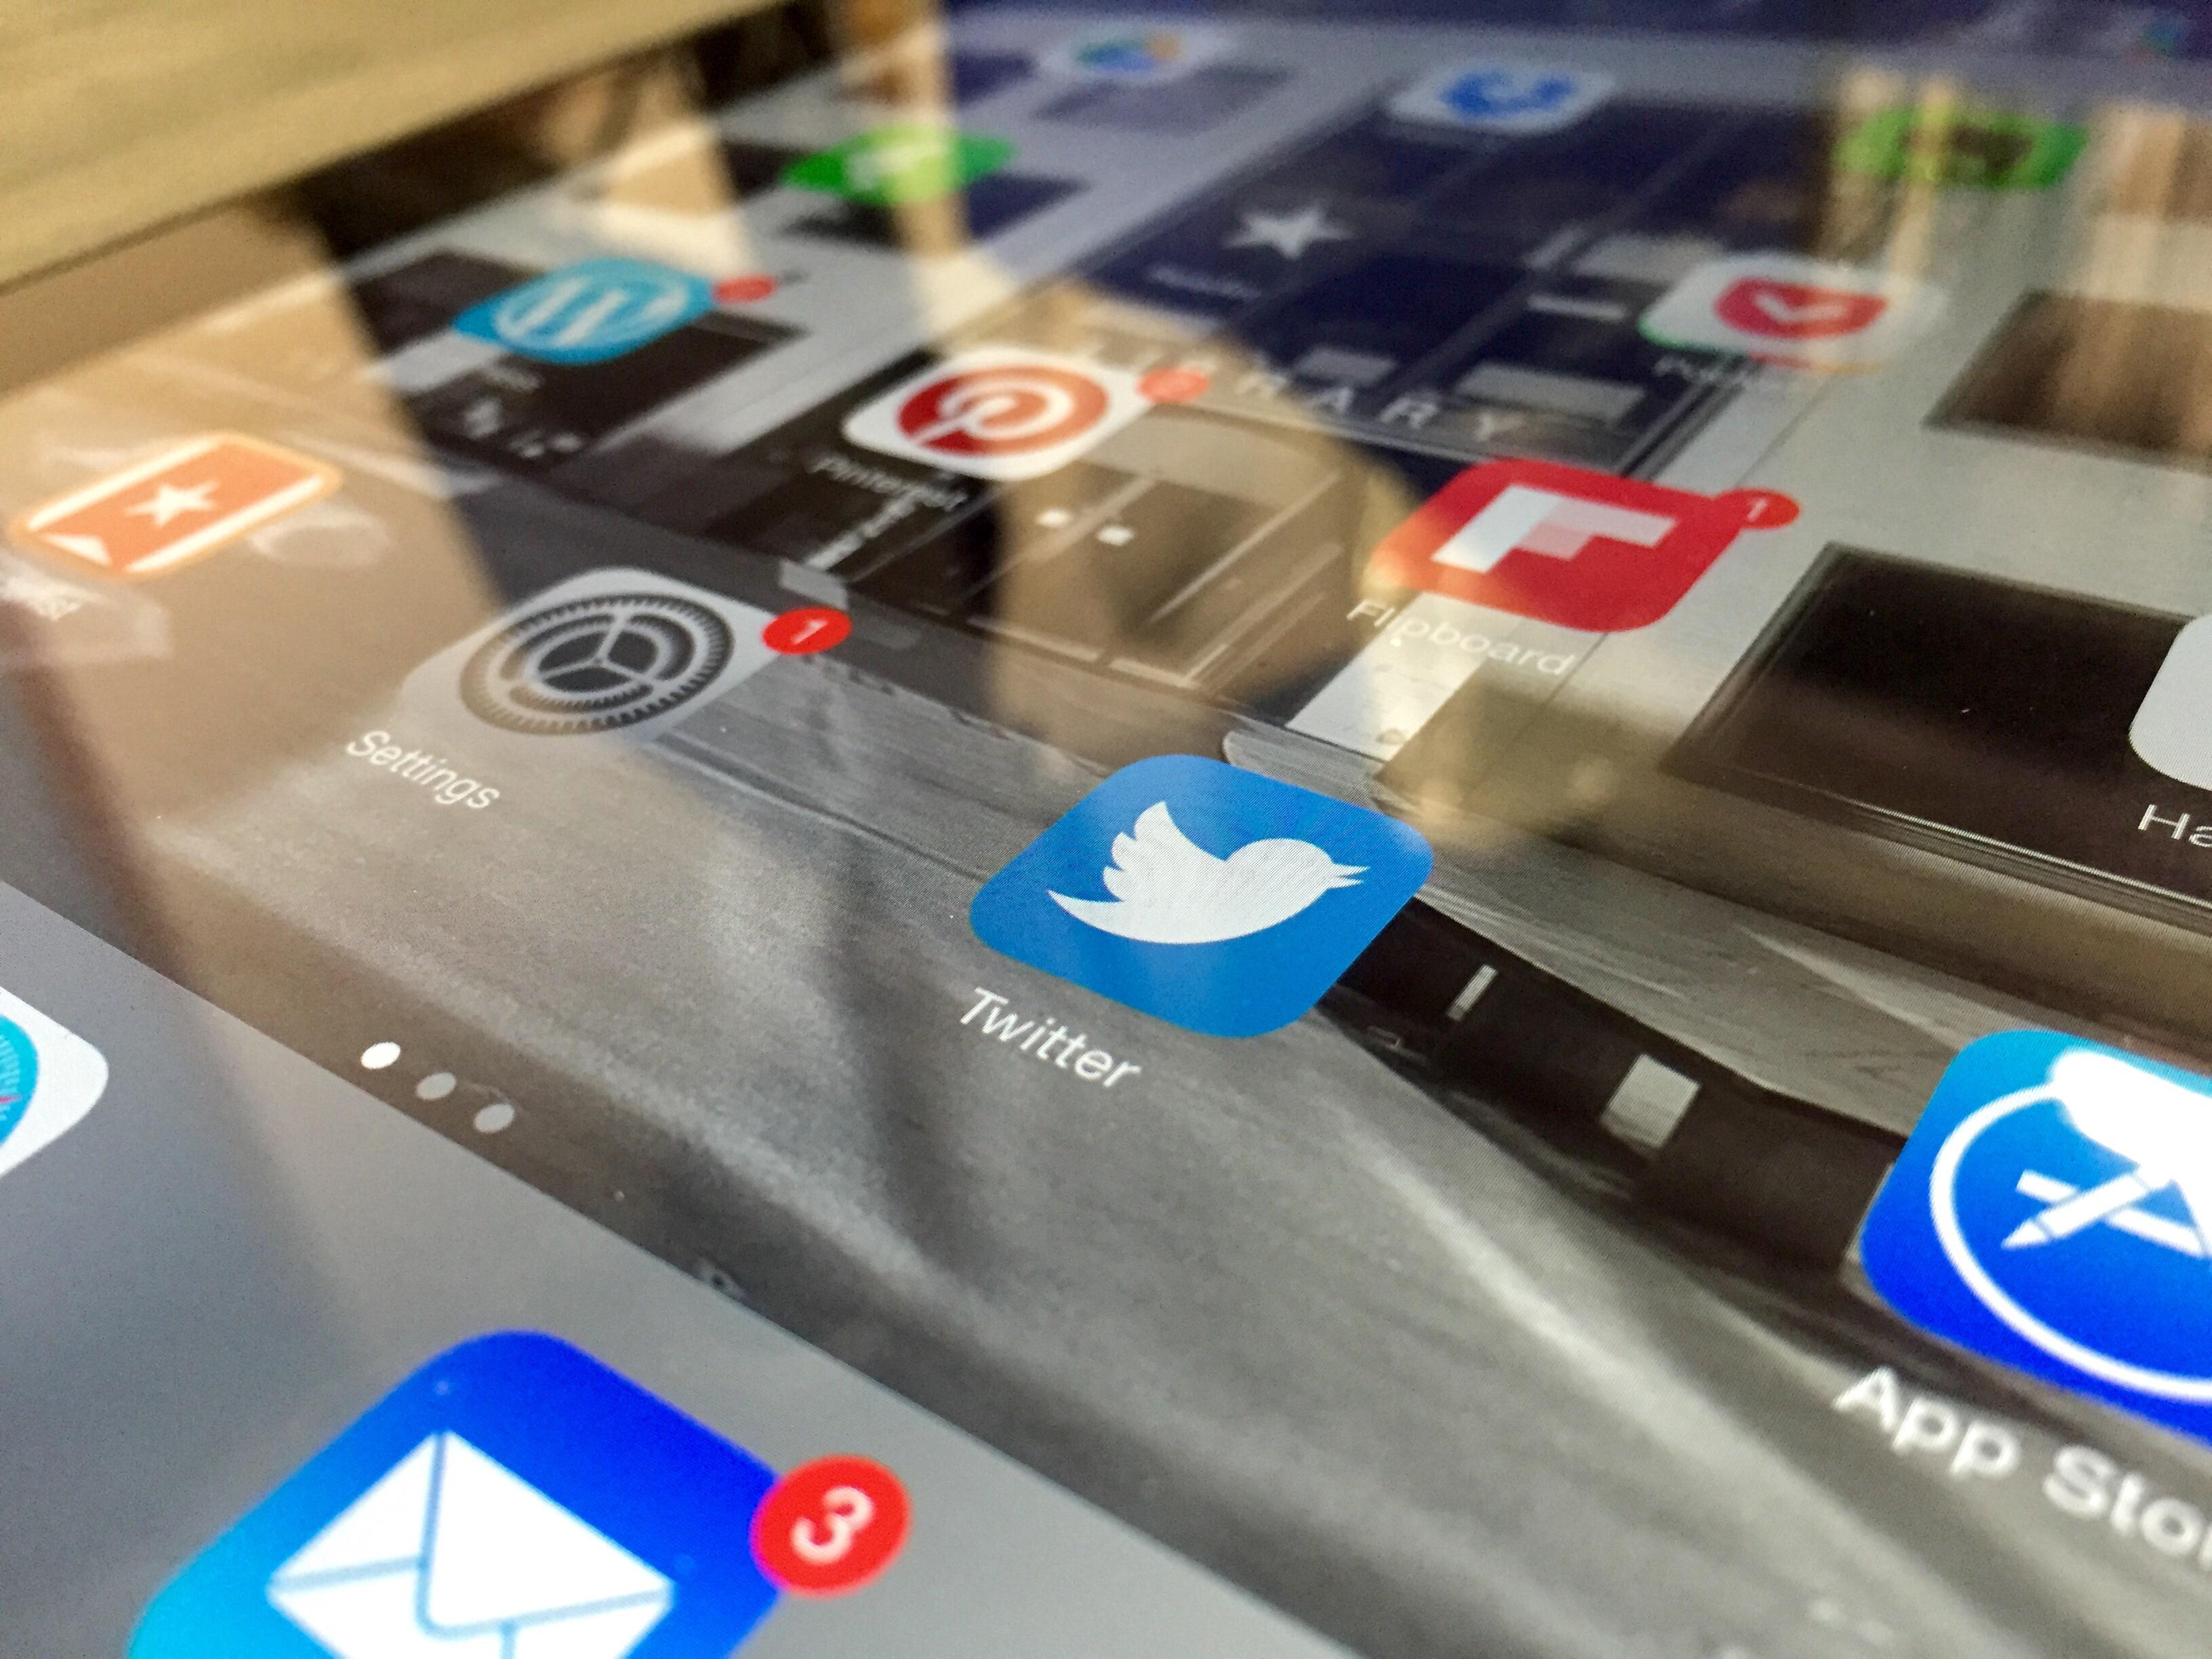 Social Sharing Apps